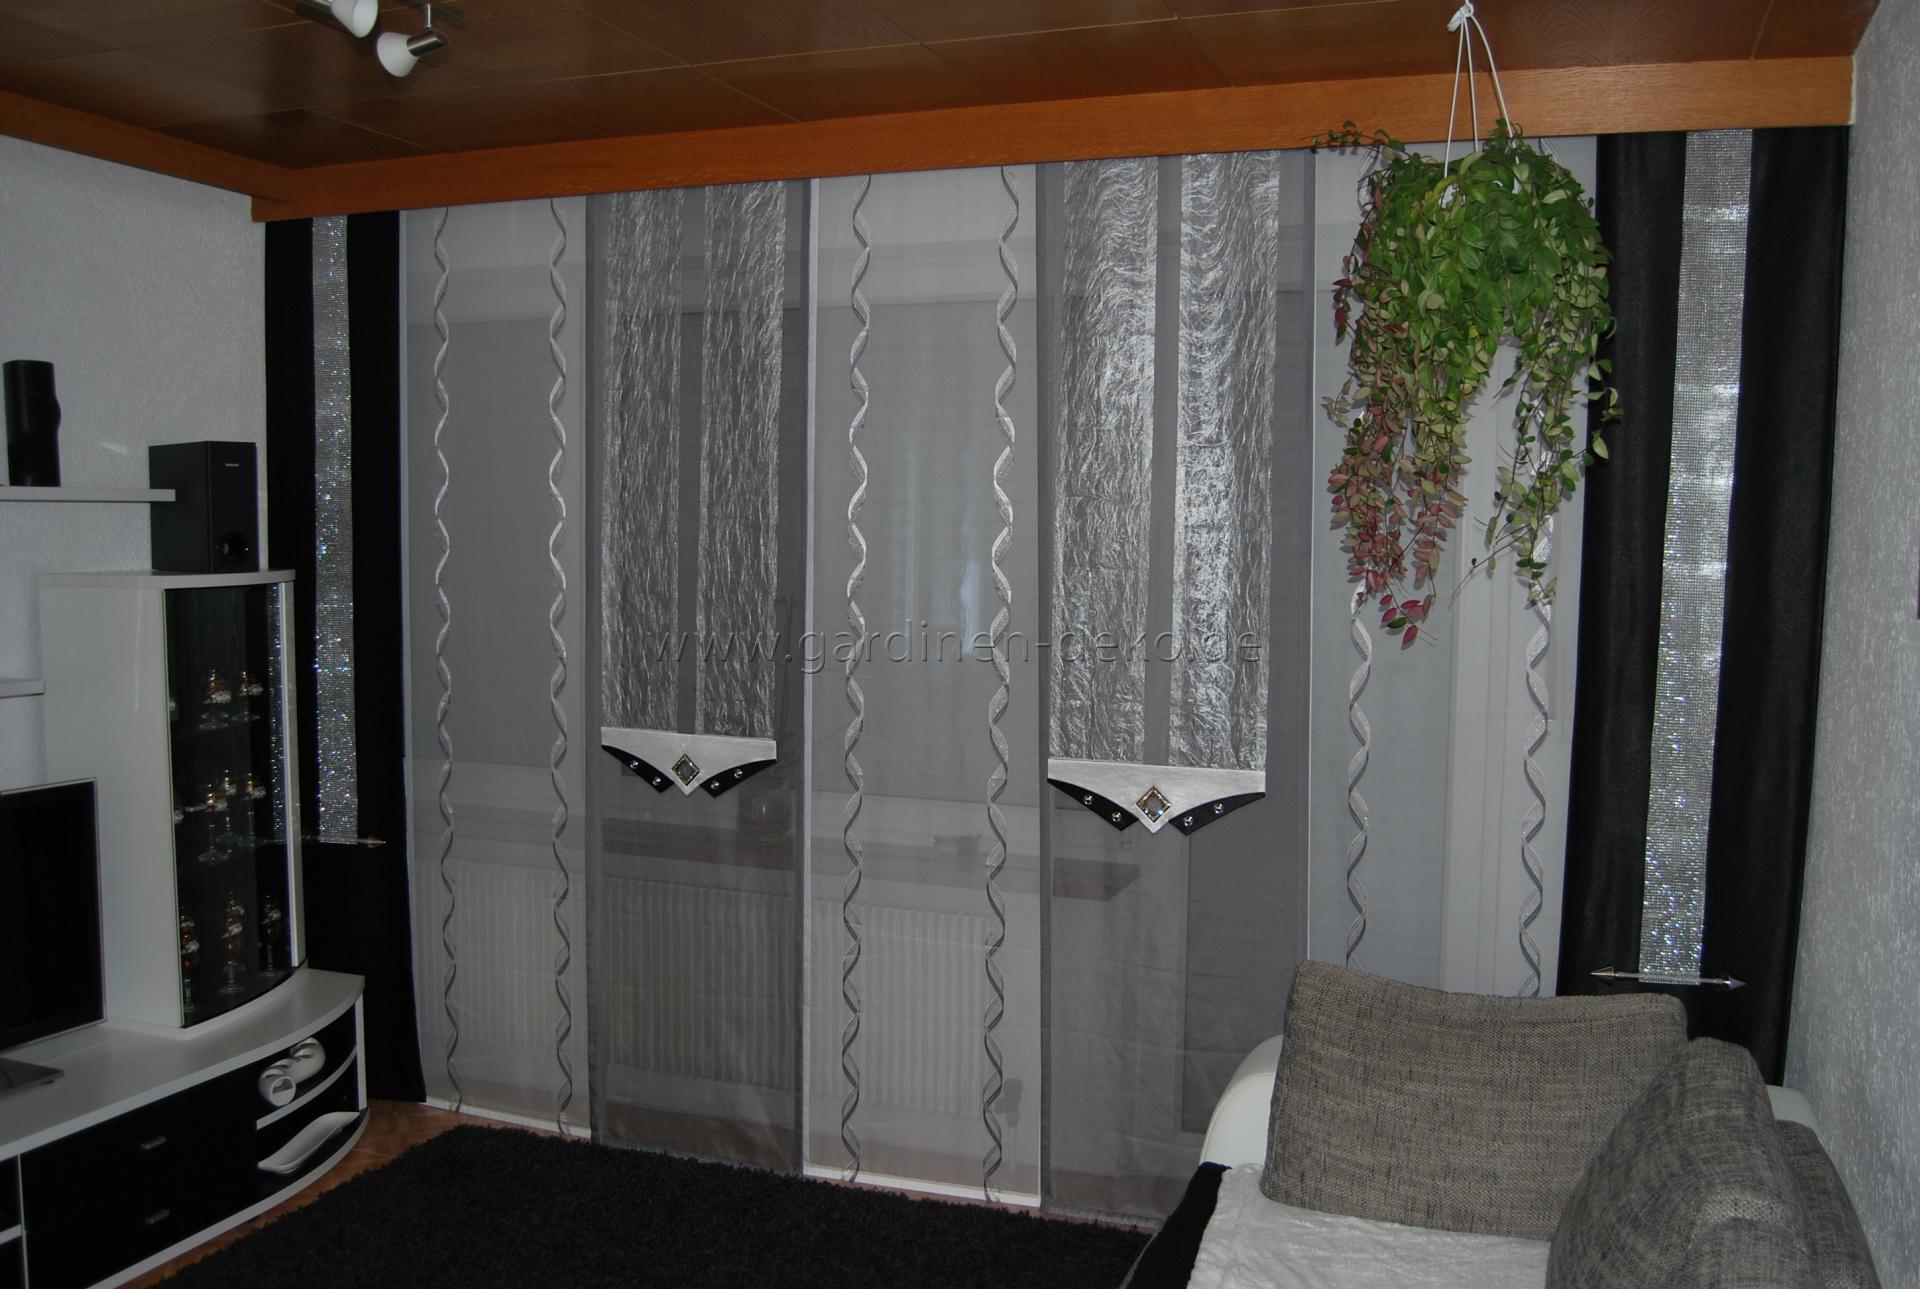 Esszimmer Schiebevorhang im modernen Design in beige und